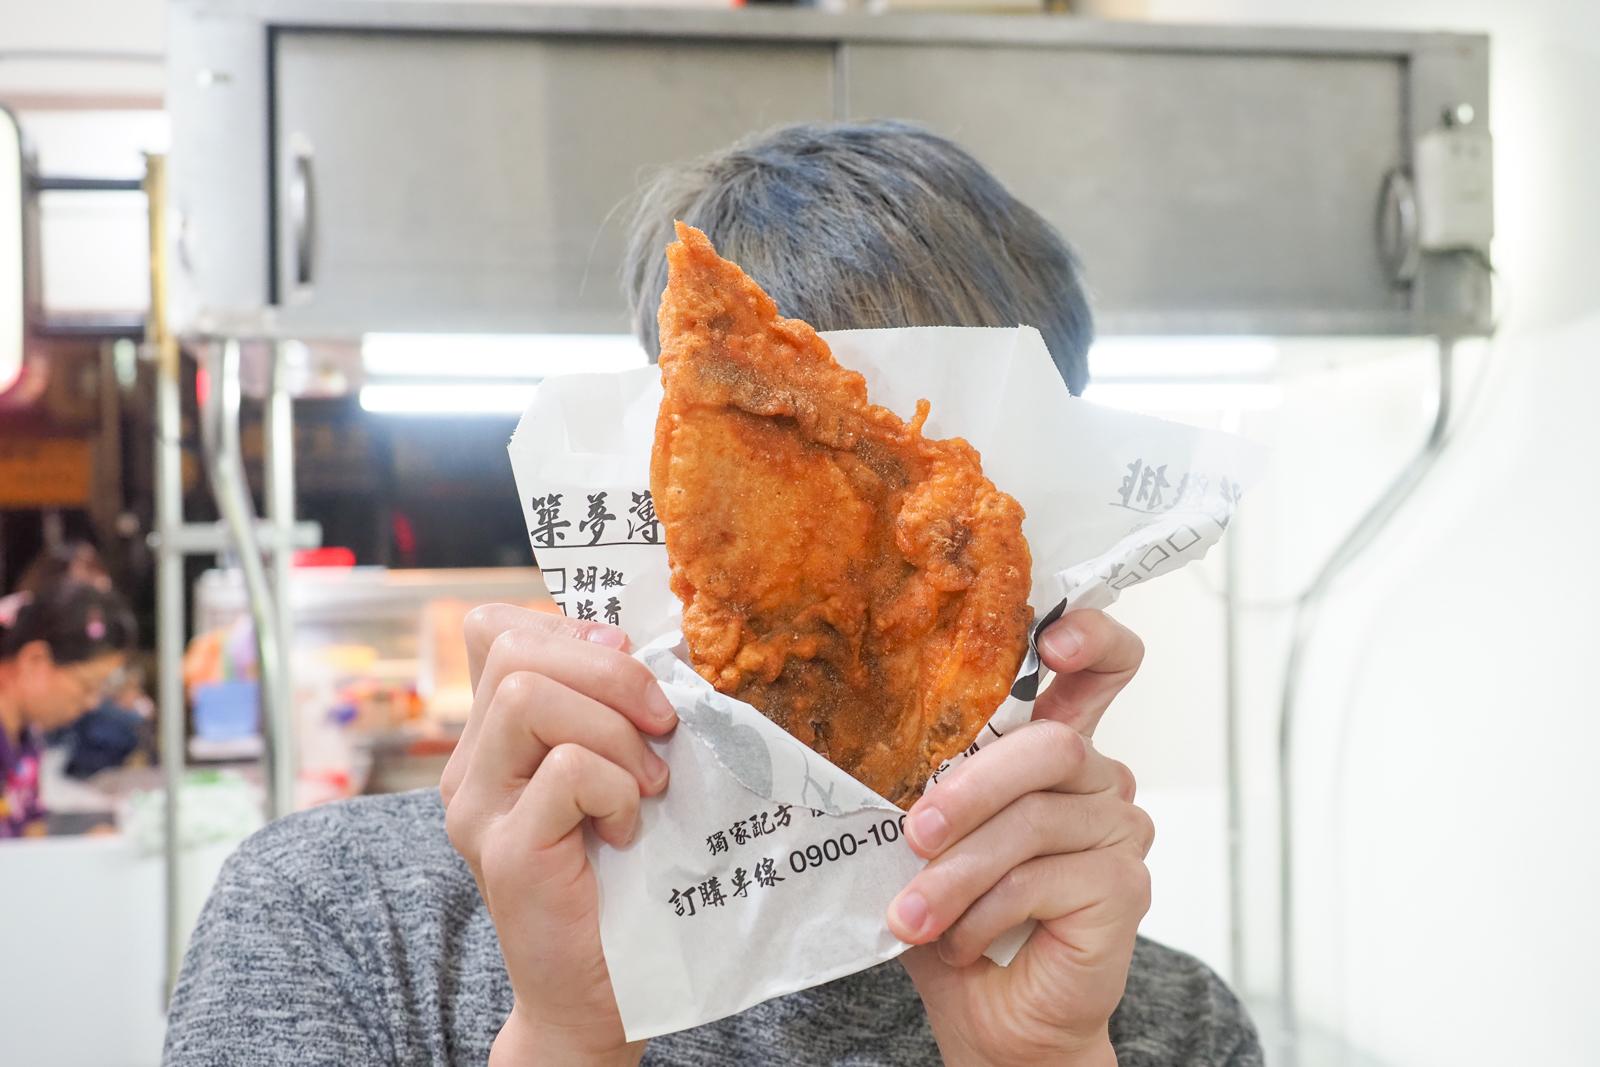 【土城永寧美食】築夢雞排 每塊雞排鮮嫩好吃比臉大!不輸土城名店香香雞排